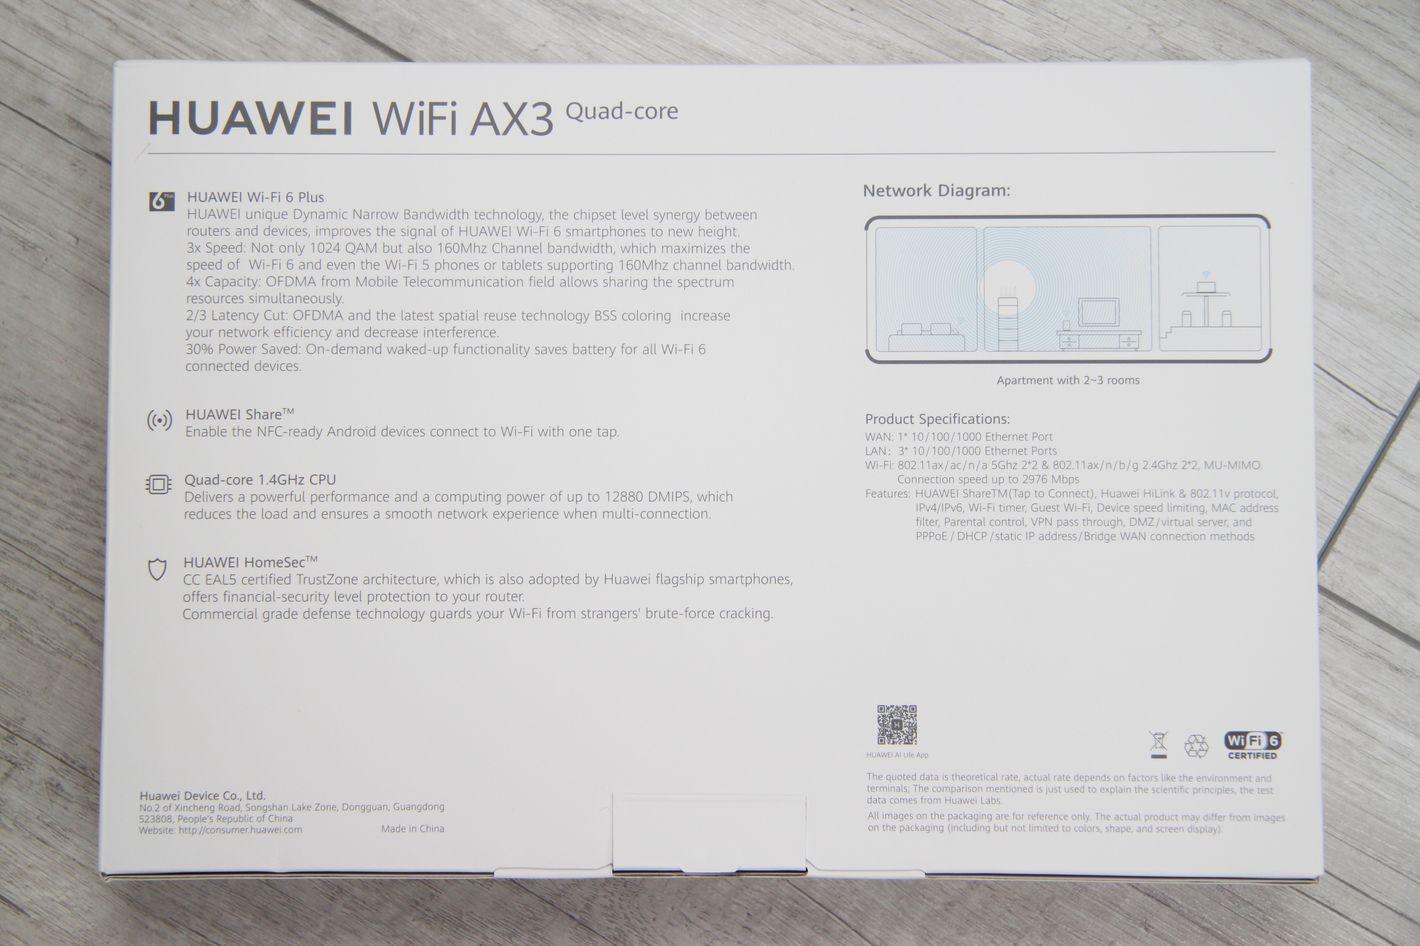 Huawei WiFi AX3 Quad core specyfikacja